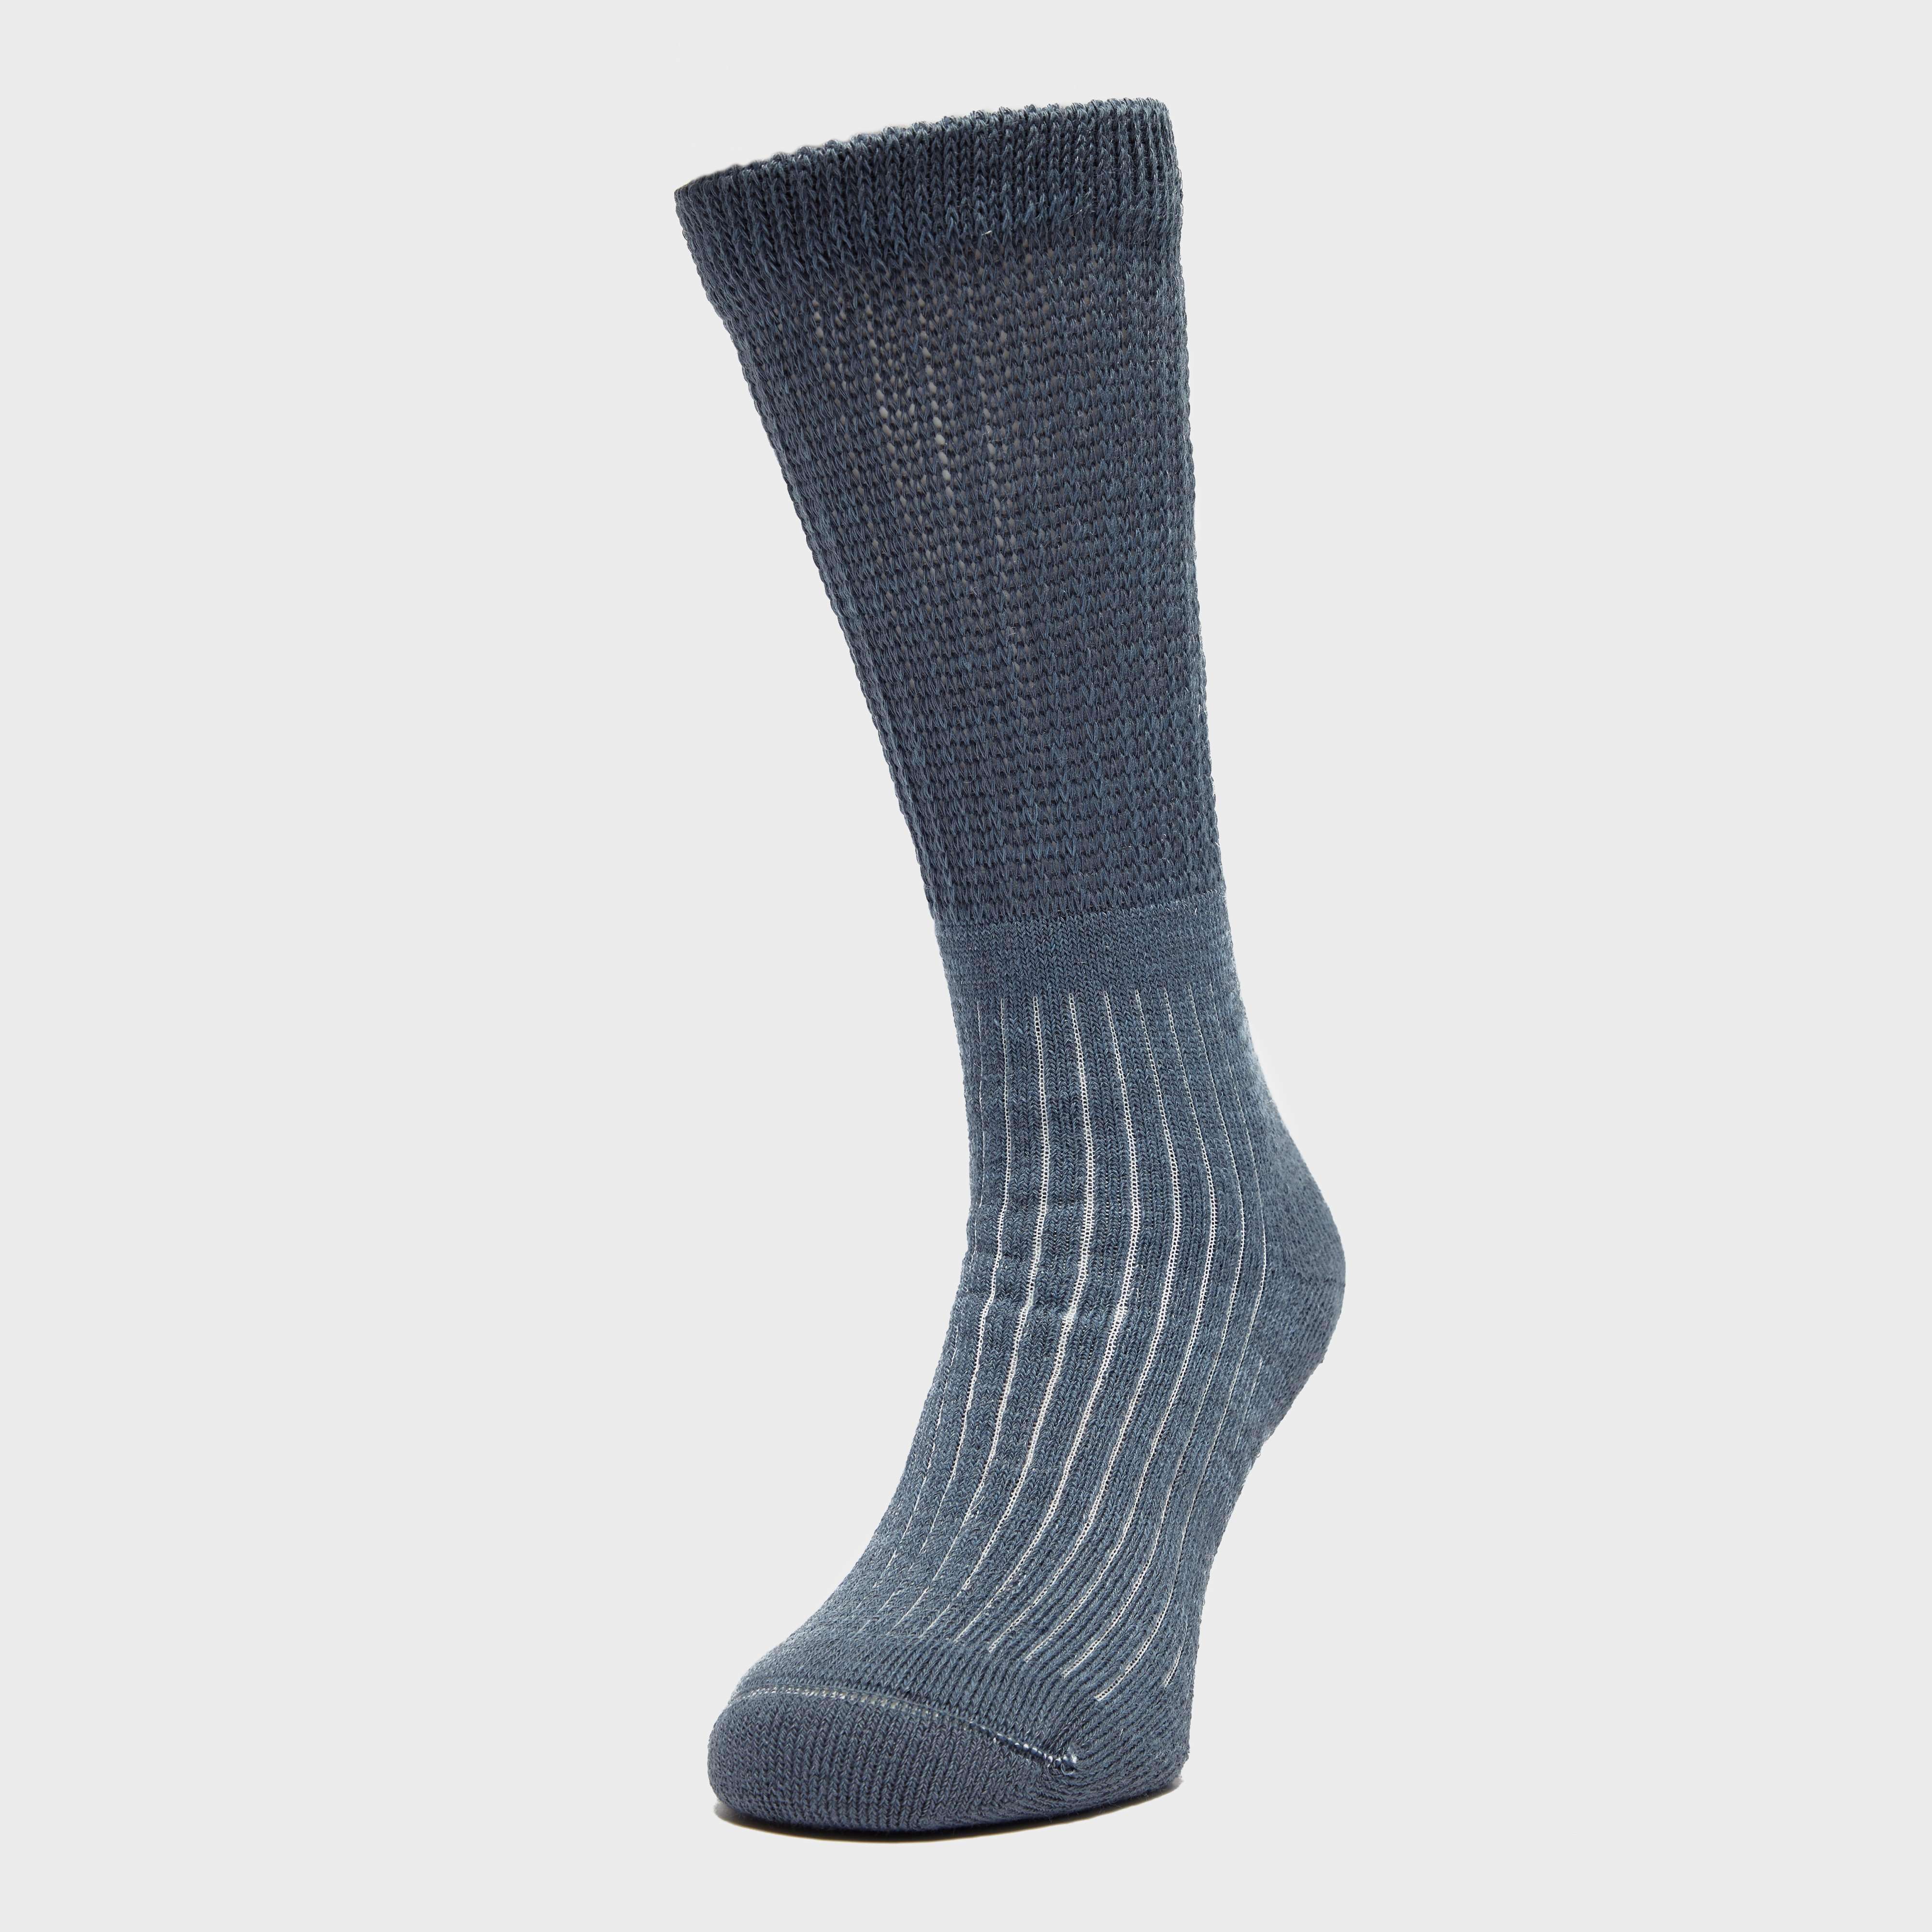 BRASHER Women's Hiker Socks